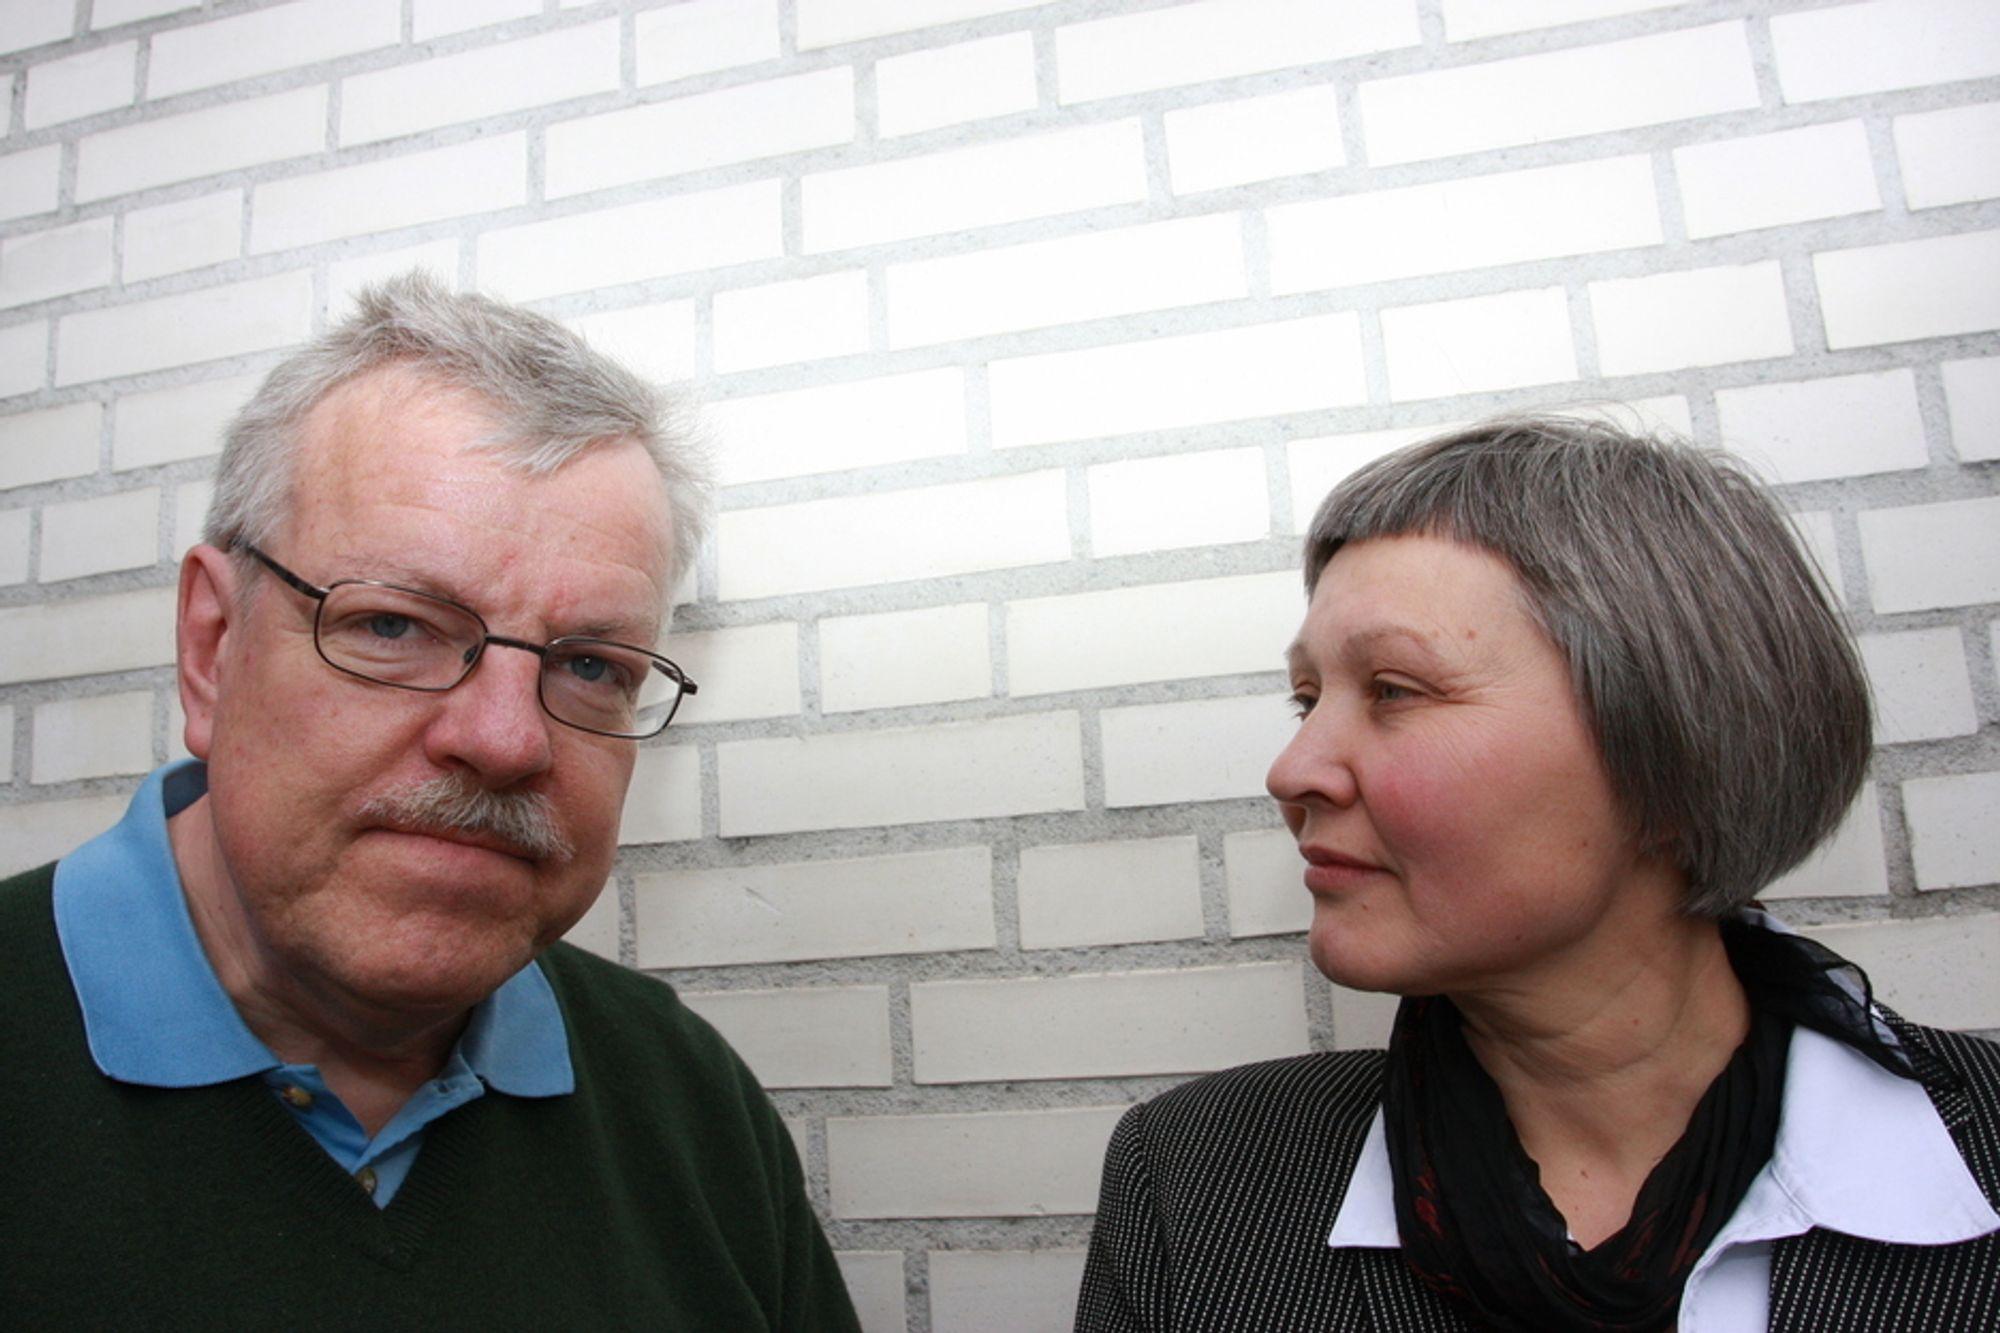 KJEMPER FOR AKSEPT: Solveig Glomsrød og Foreningen for el-overfølsomme (FELO) kjemper for merkelappen medisinsk diagnose. Den svenske neurologiprofessoren Olle Johansson kjemper for å få forske mer på fenomenet.